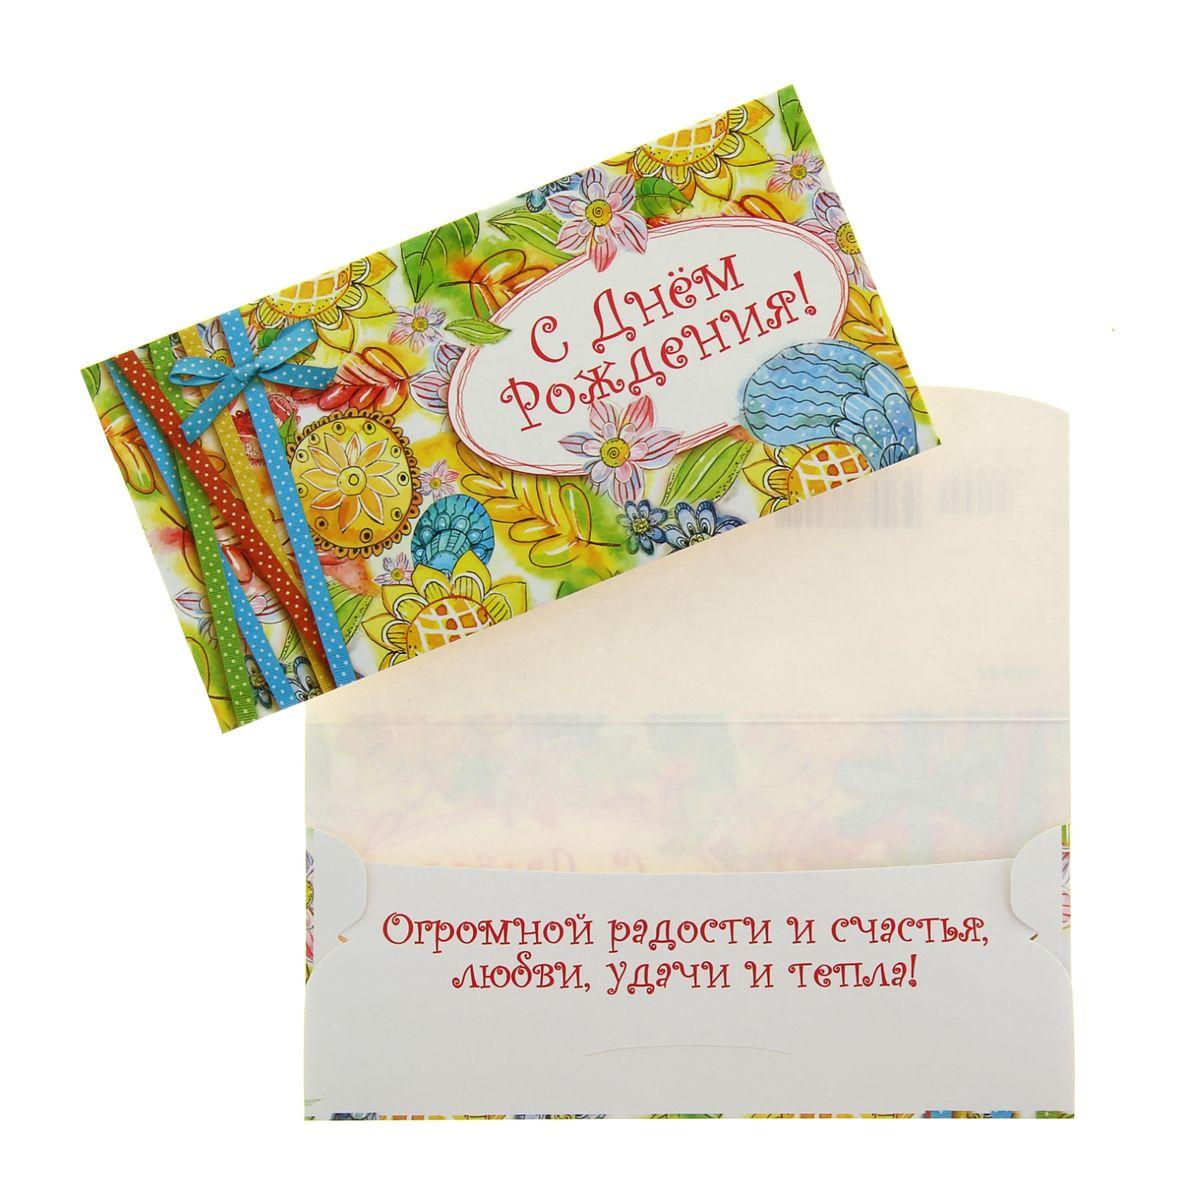 поздравление для конверта с деньгами подруге ужасное последние дни